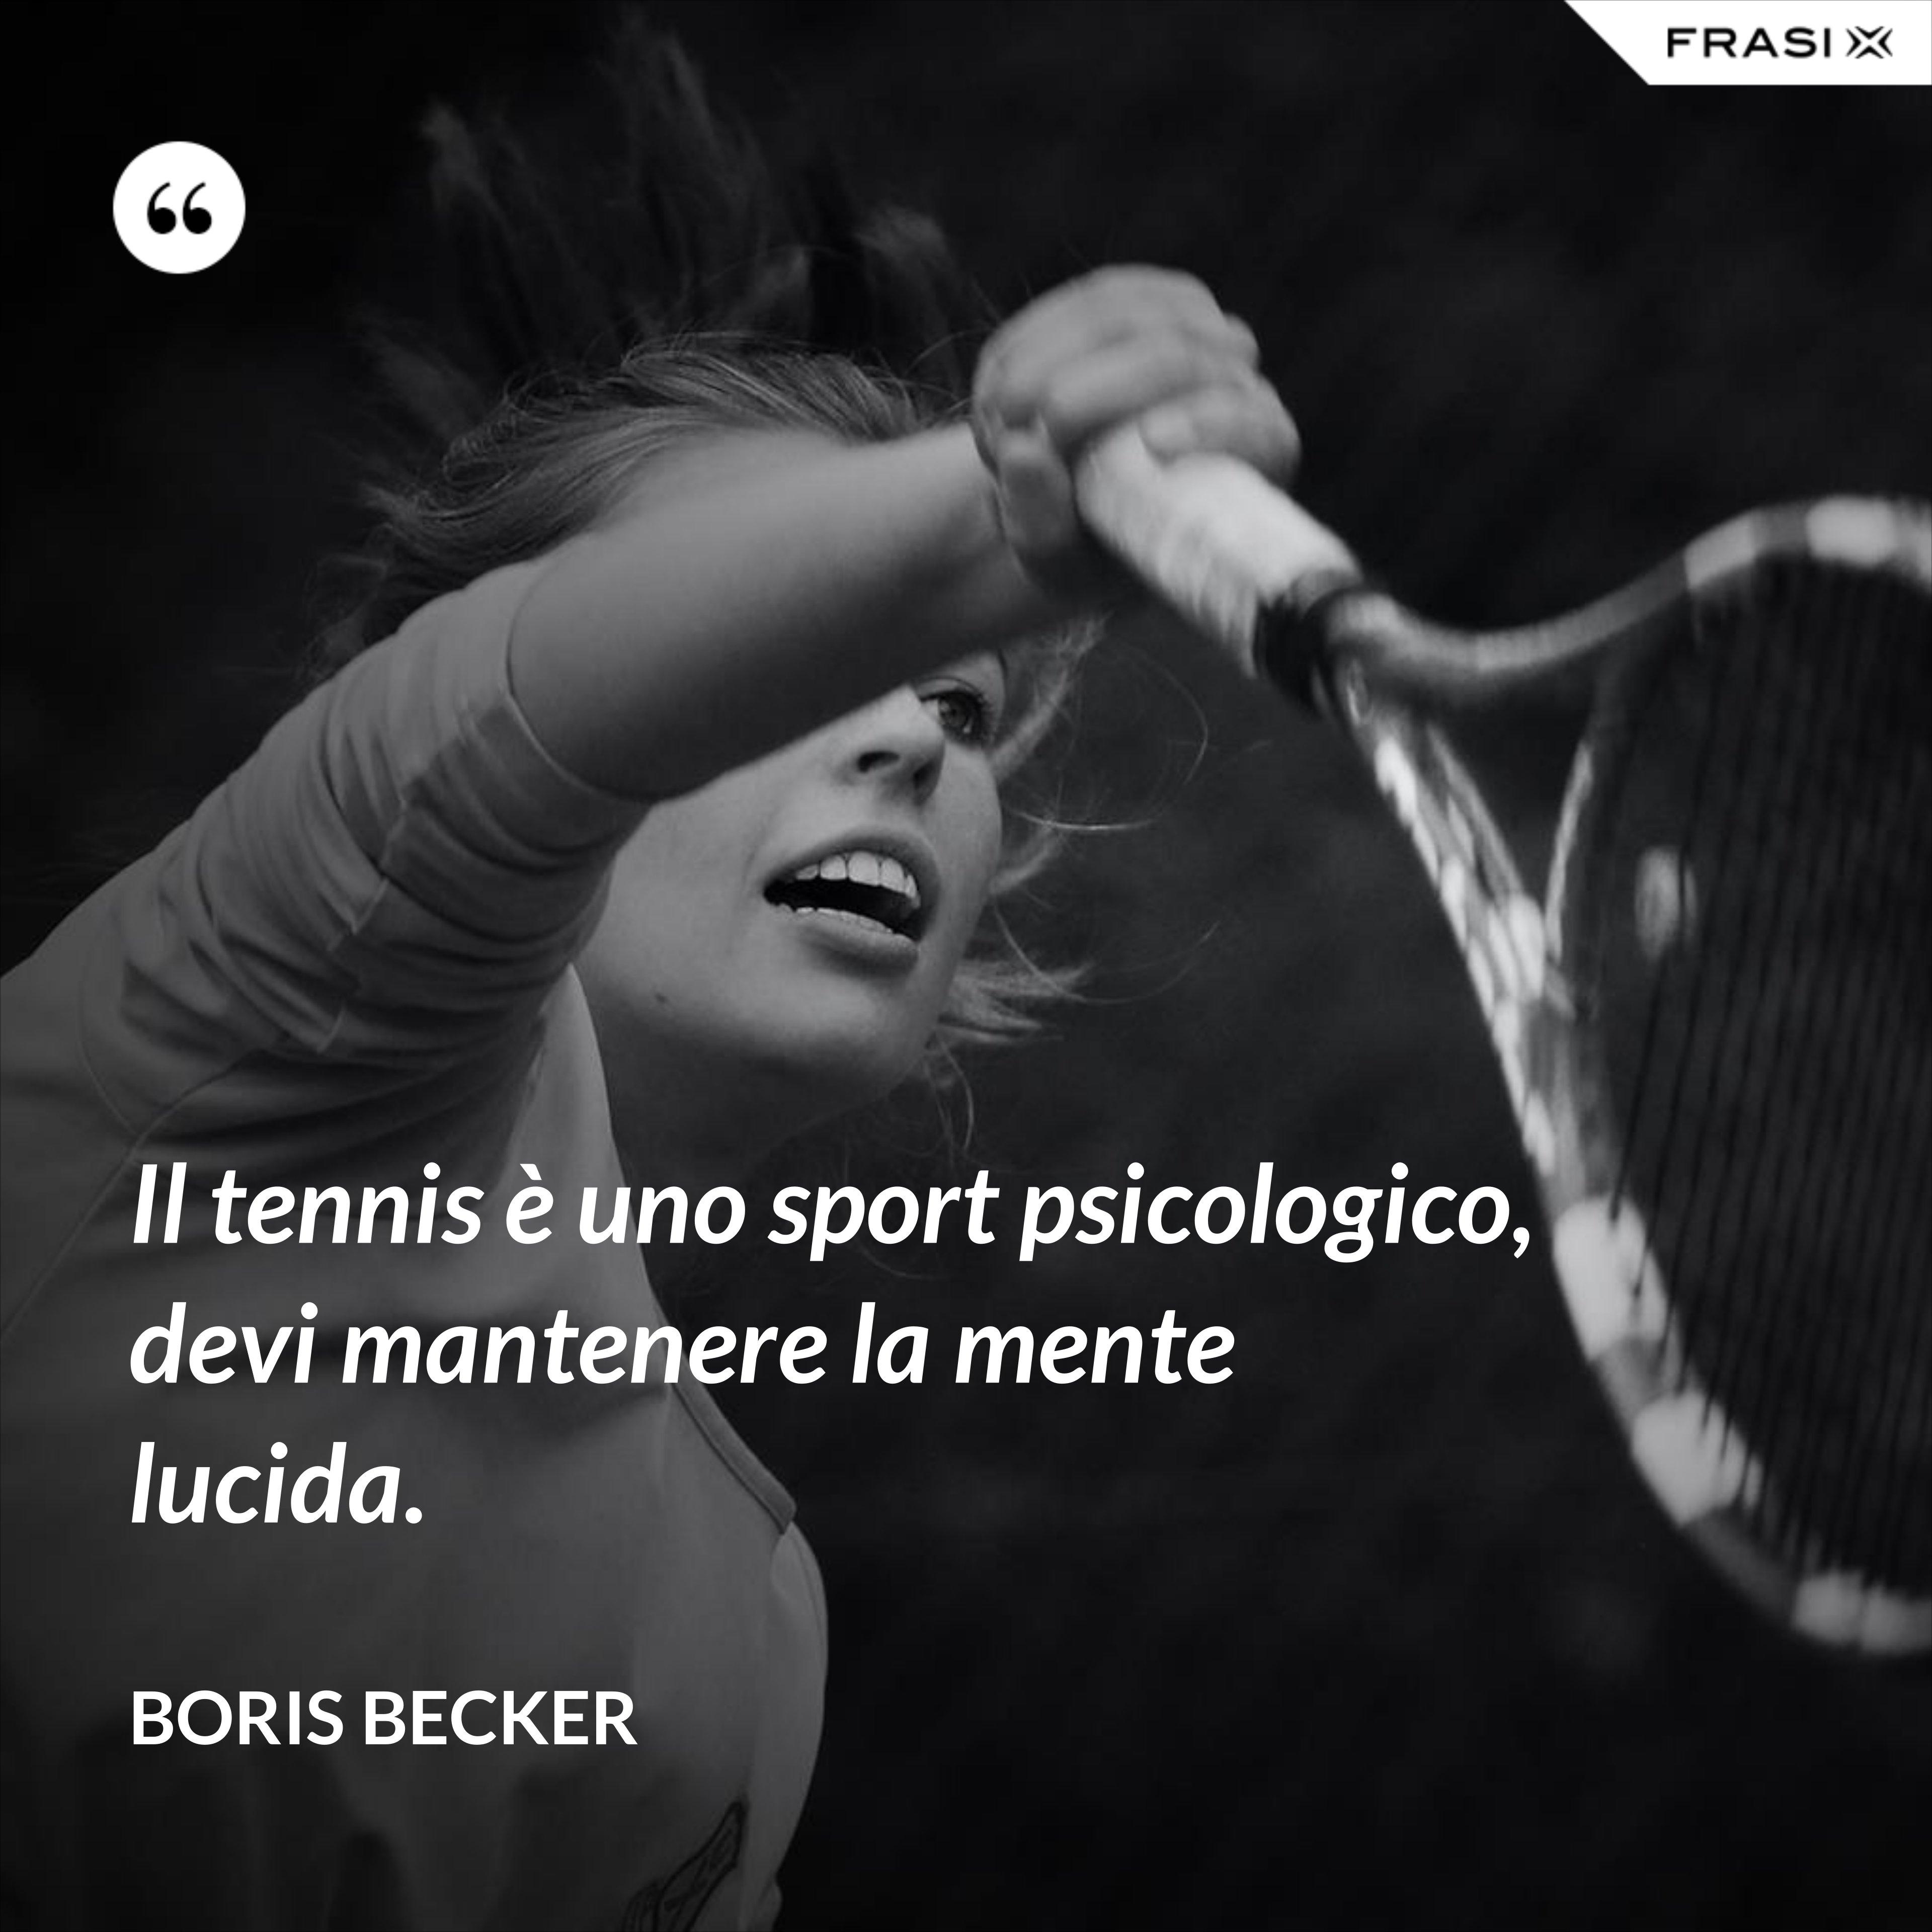 Il tennis è uno sport psicologico, devi mantenere la mente lucida. - Boris Becker